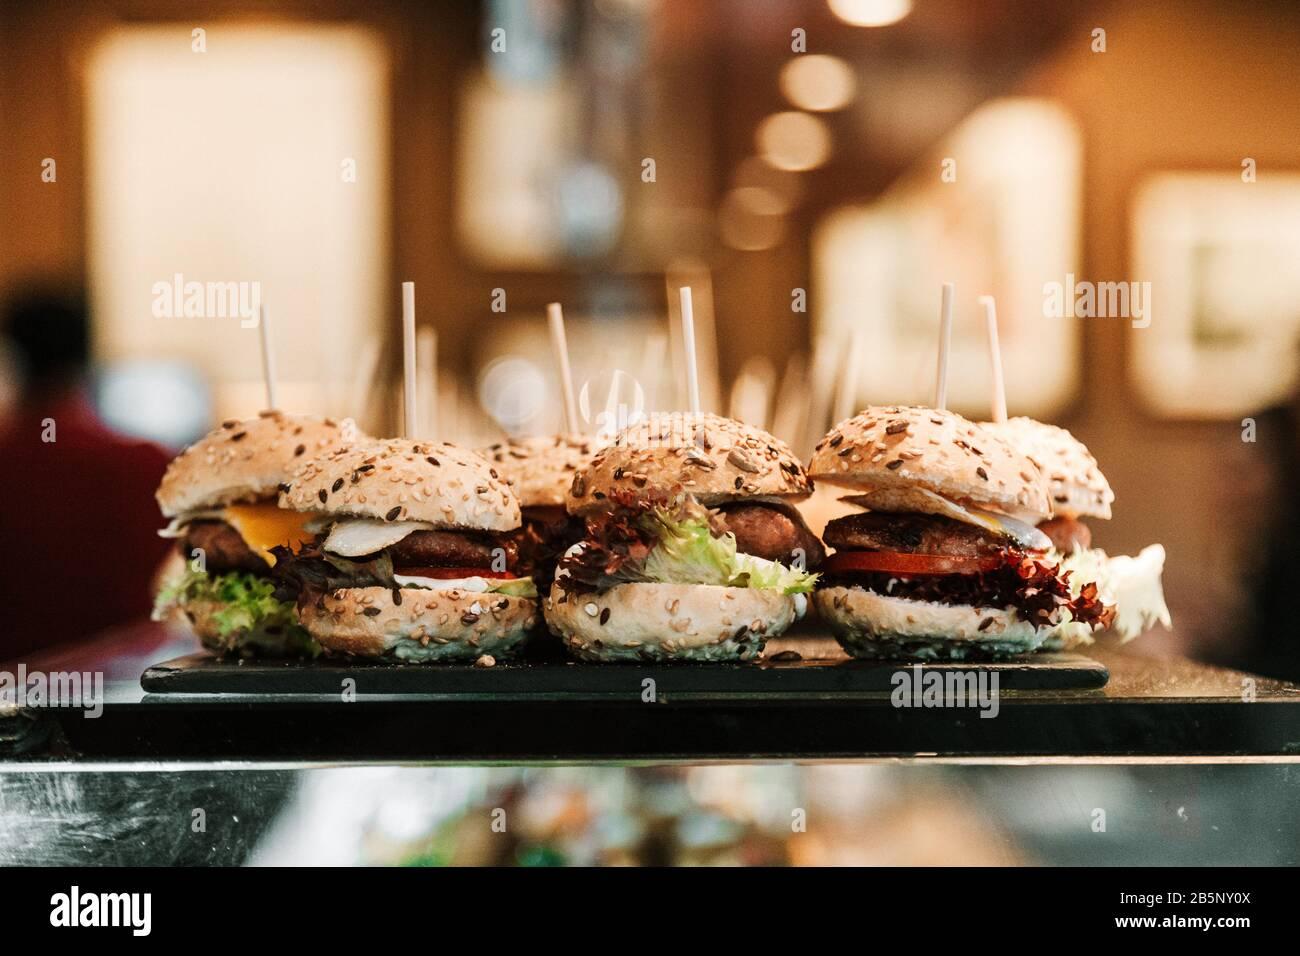 Photos du stock de mini hamburgers Banque D'Images